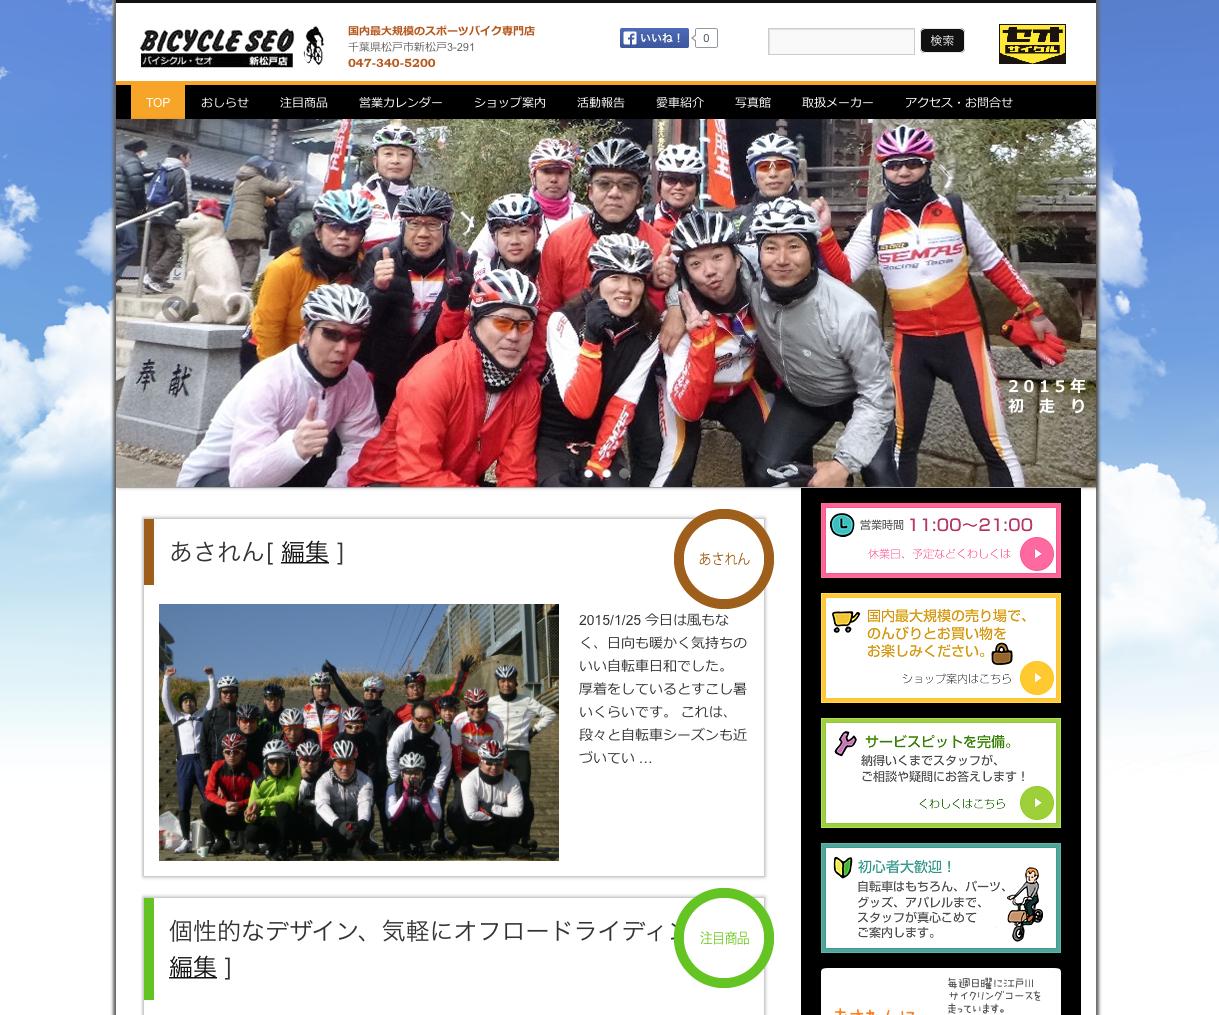 スクリーンショット 2015-01-26 17.04.44